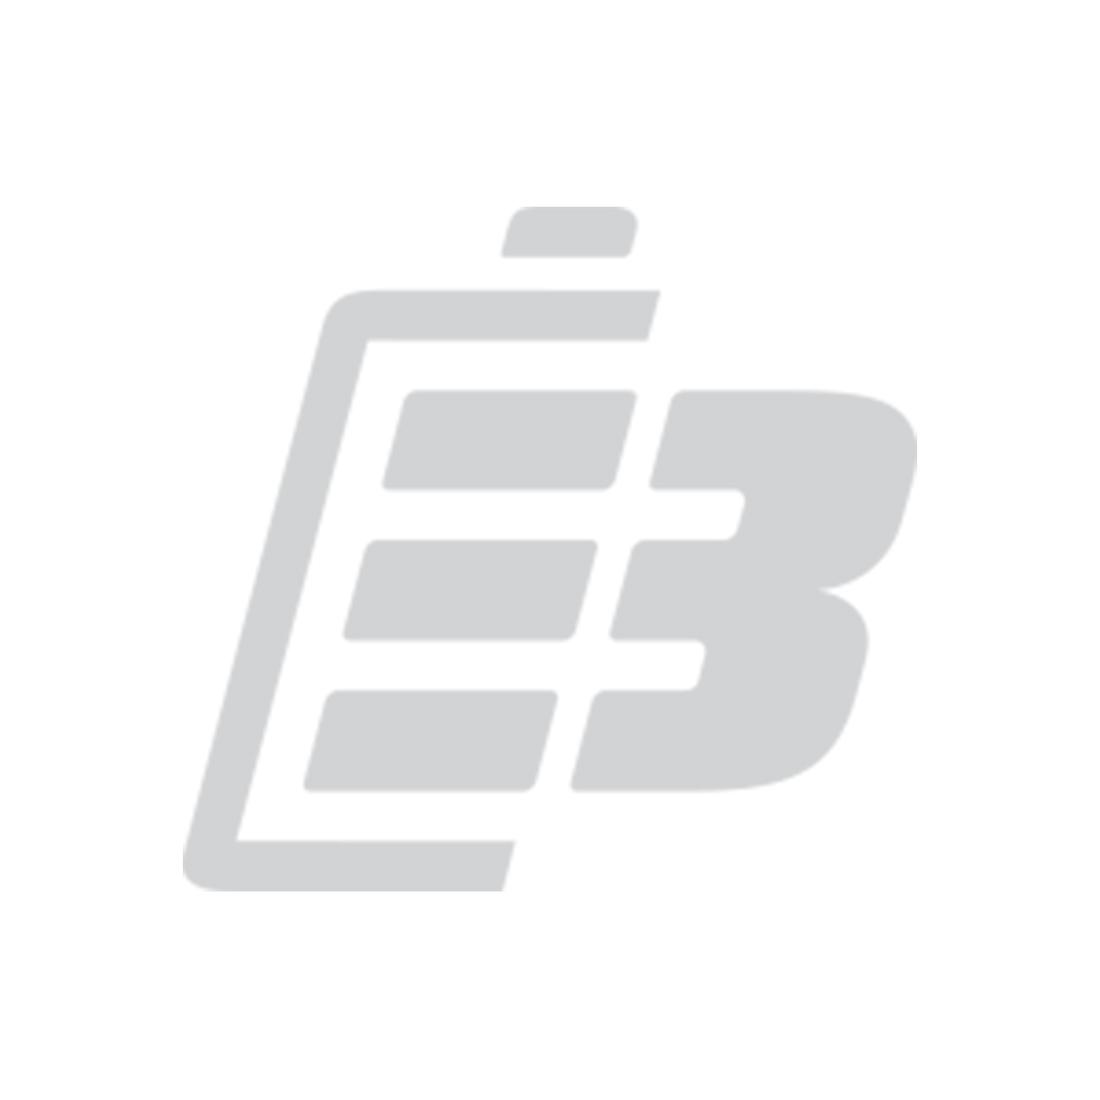 Duracell Procell MN1300 D LR20 battery